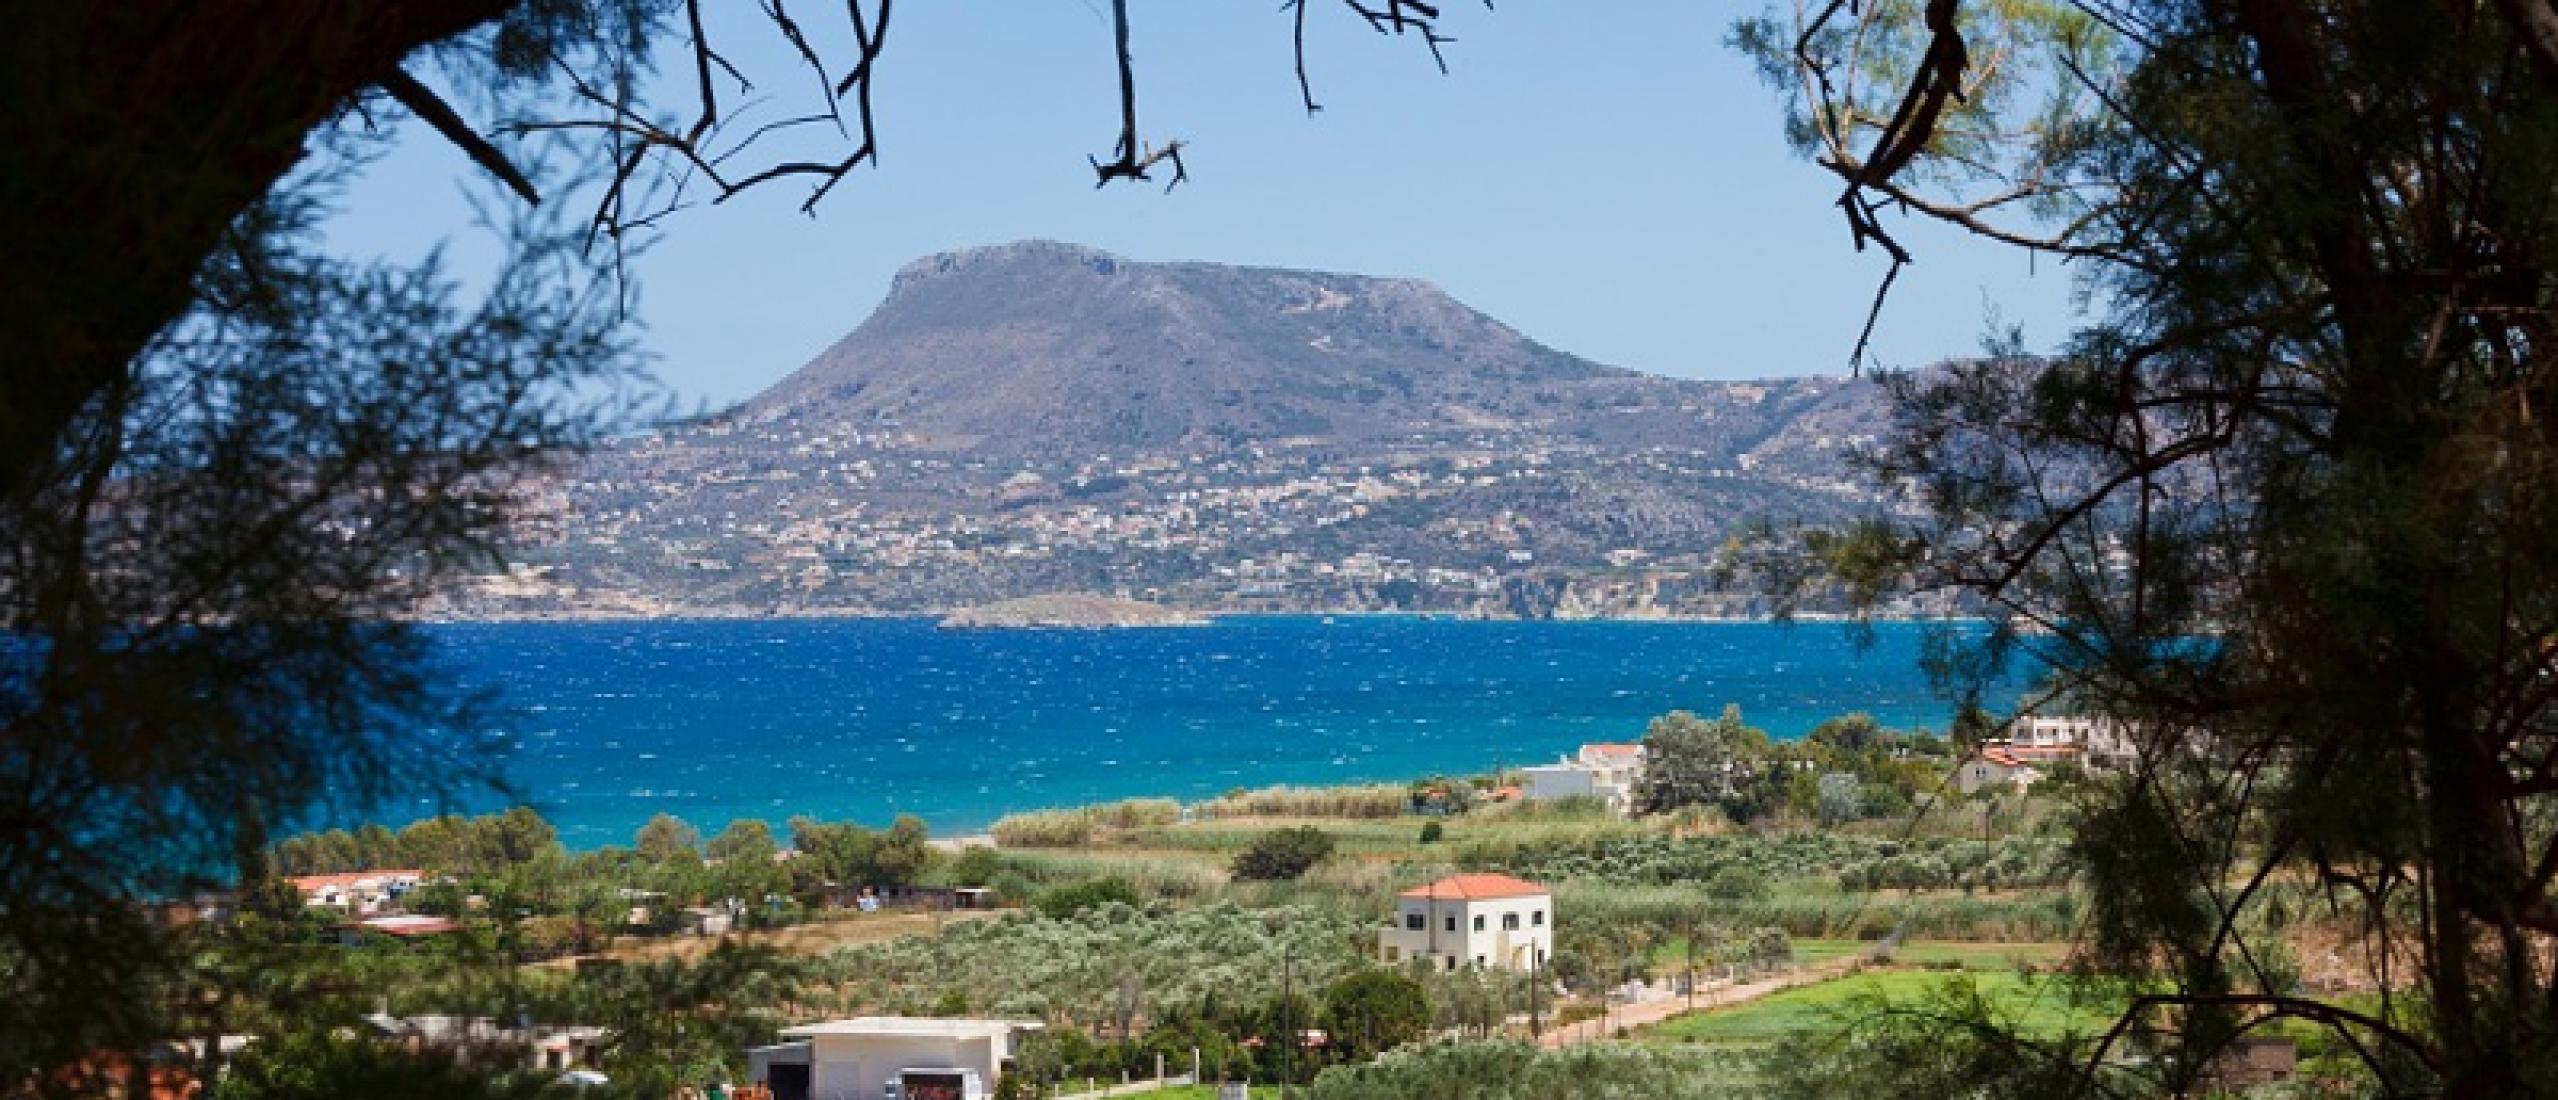 Wat zijn de leukste Griekse eilanden voor gezinnen?